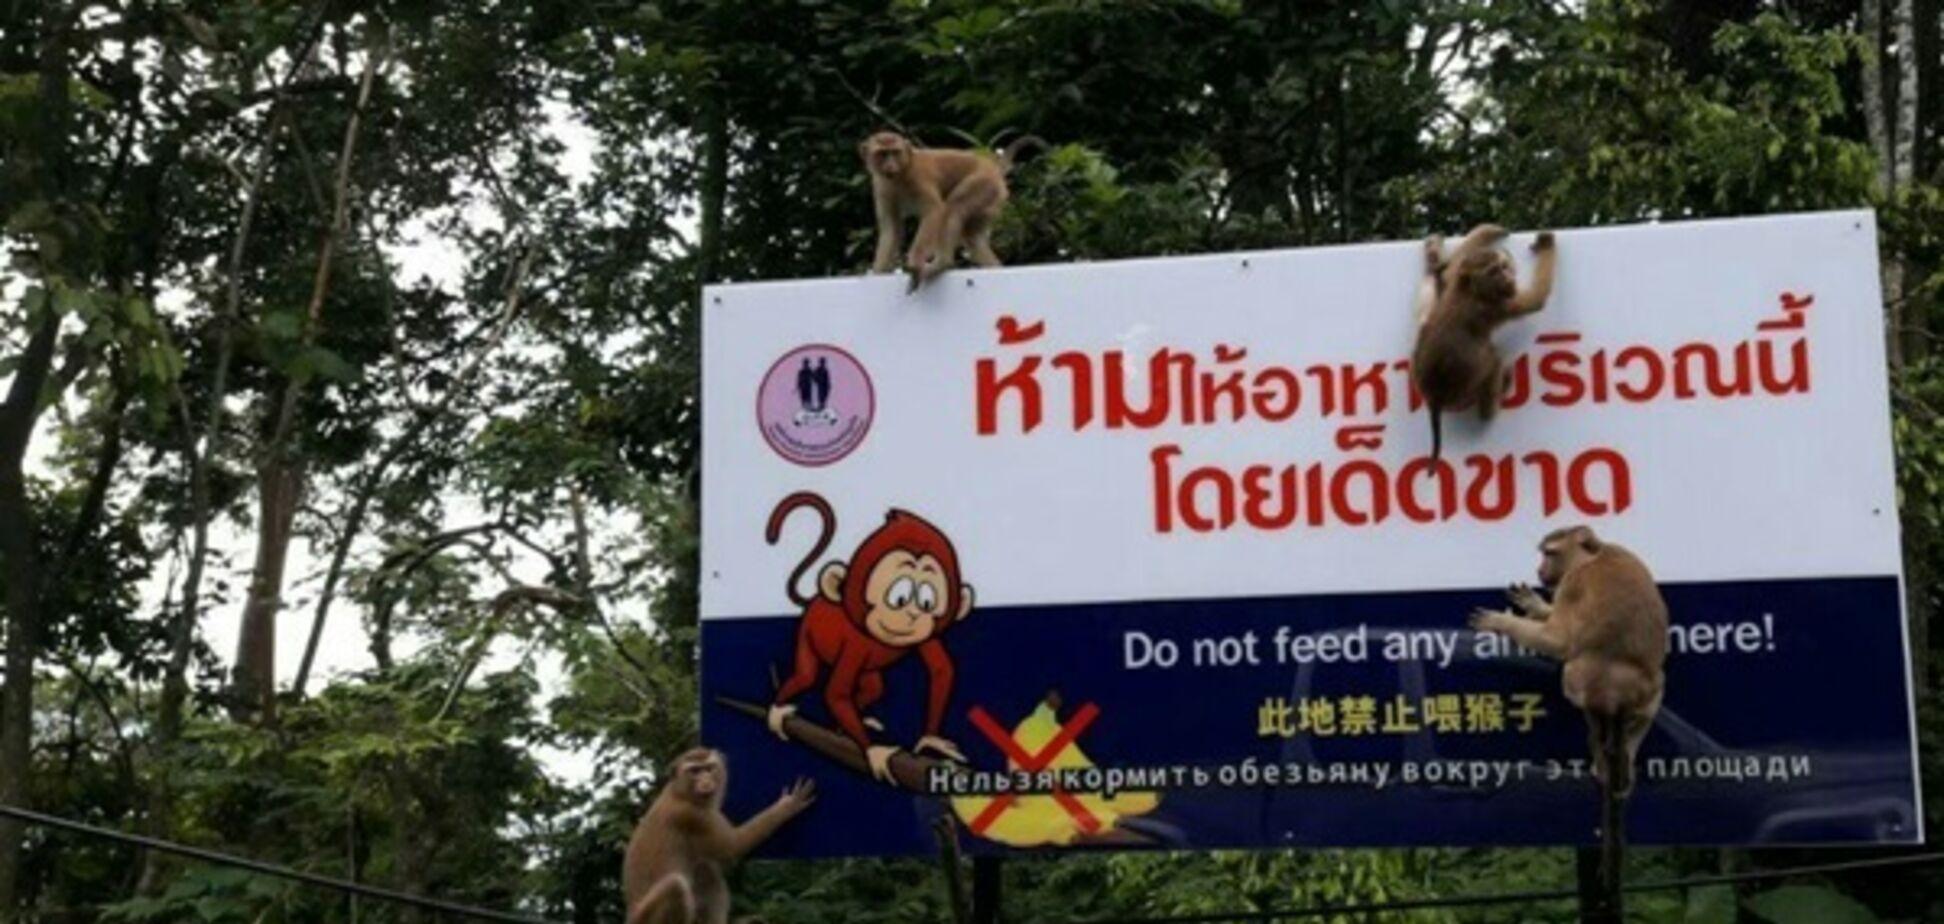 'Русофобка?' У Таїланді мавпа покусала туриста з РФ: у мережі потішаються